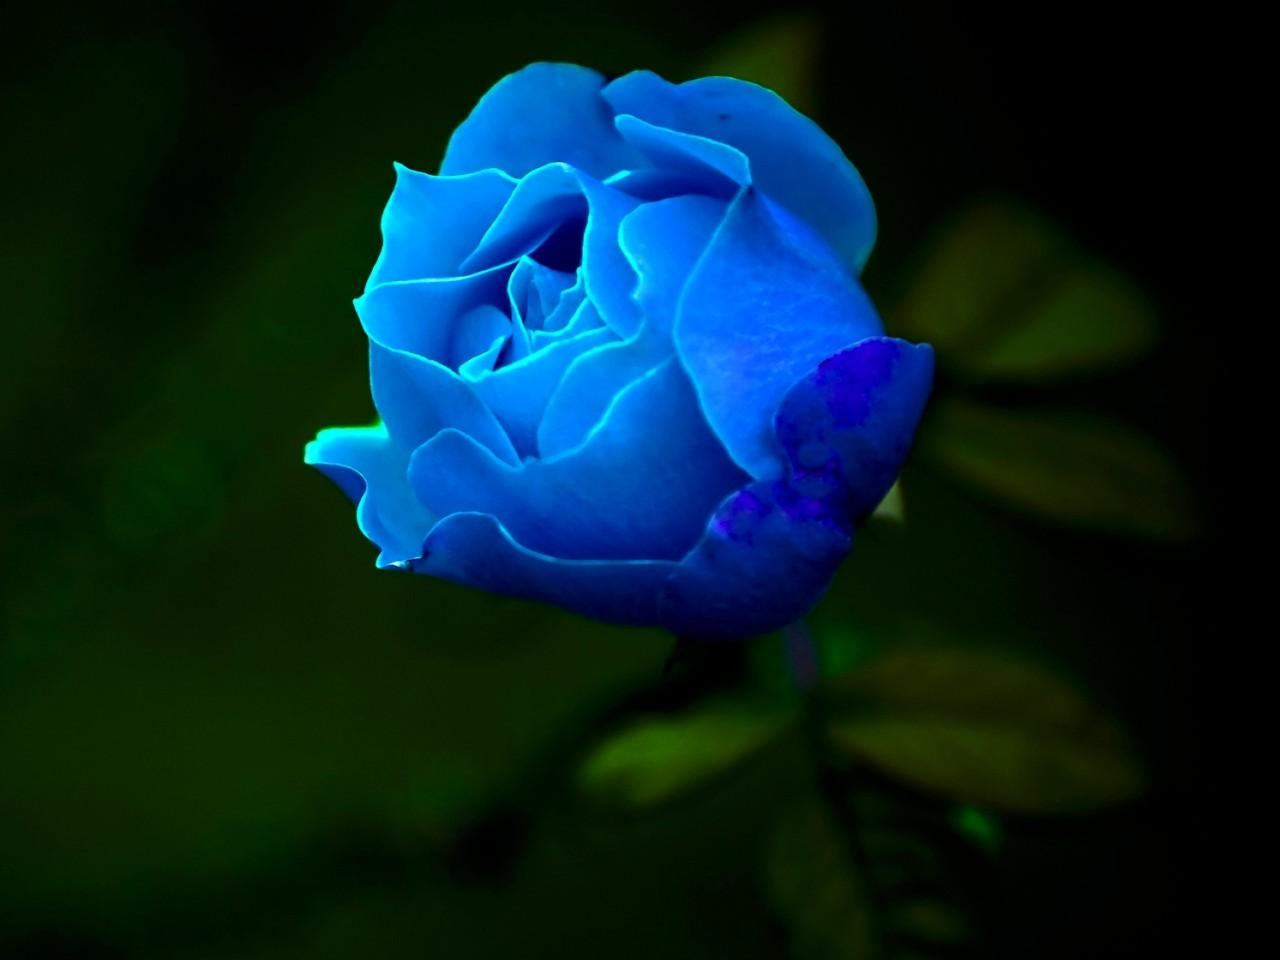 蓝色妖姬是干花吗_蓝色妖姬是蓝玫瑰吗 _排行榜大全